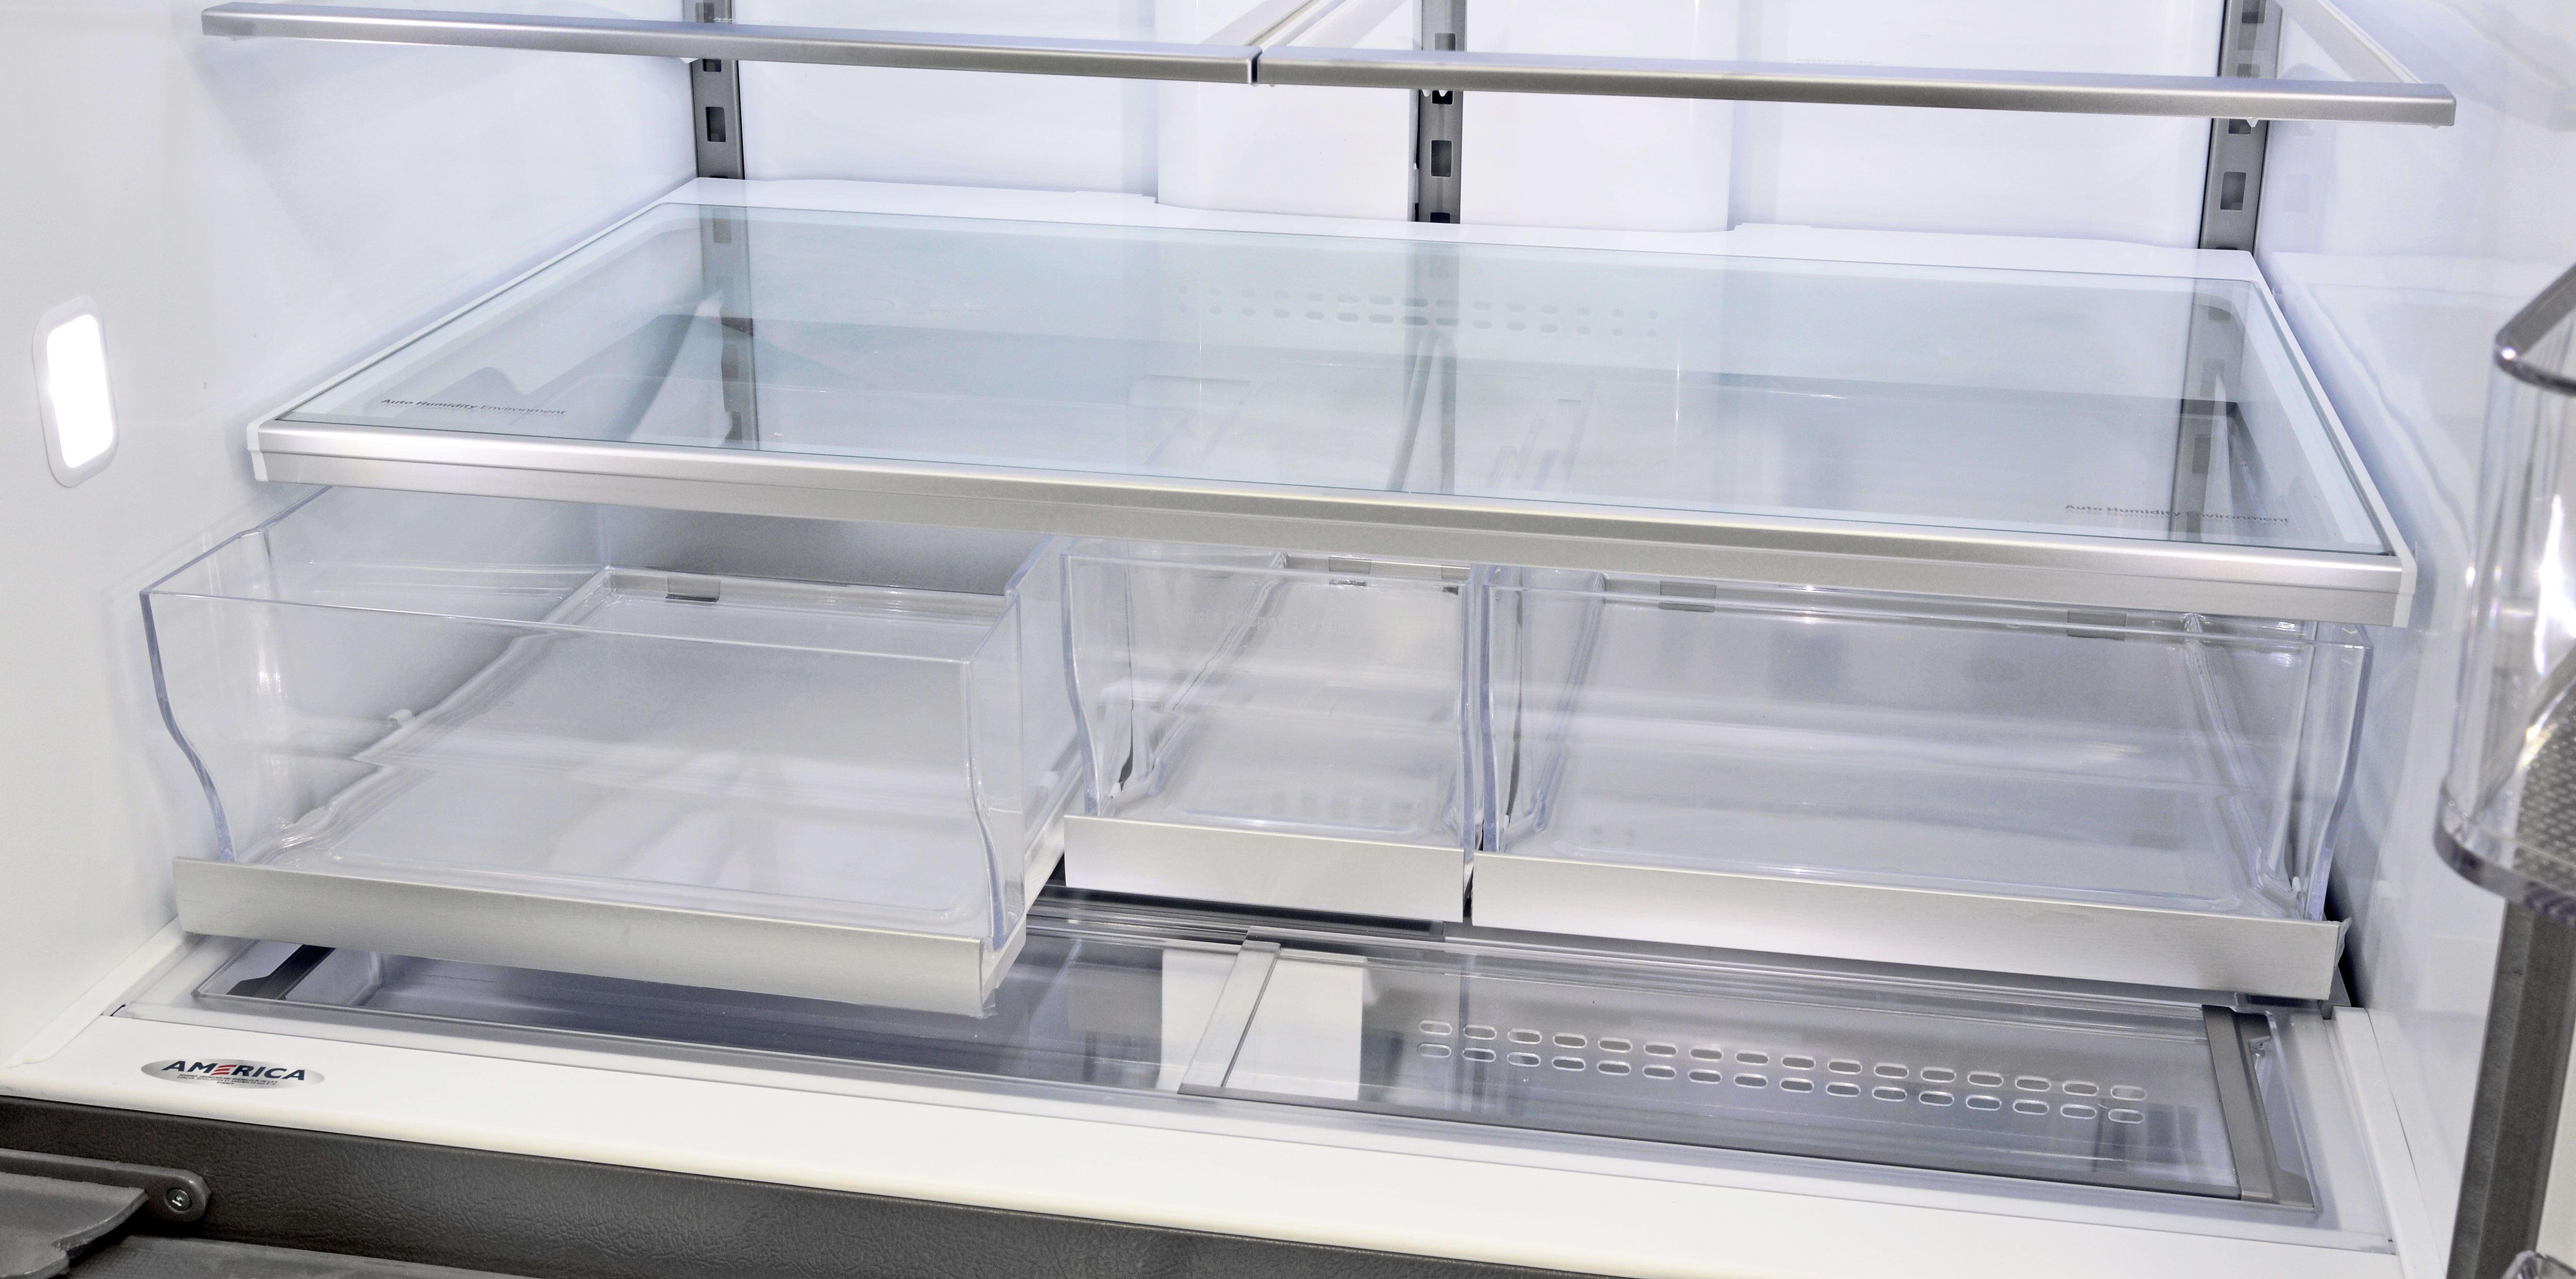 Whirlpool Wrv986fdem Refrigerator Review Reviewed Com